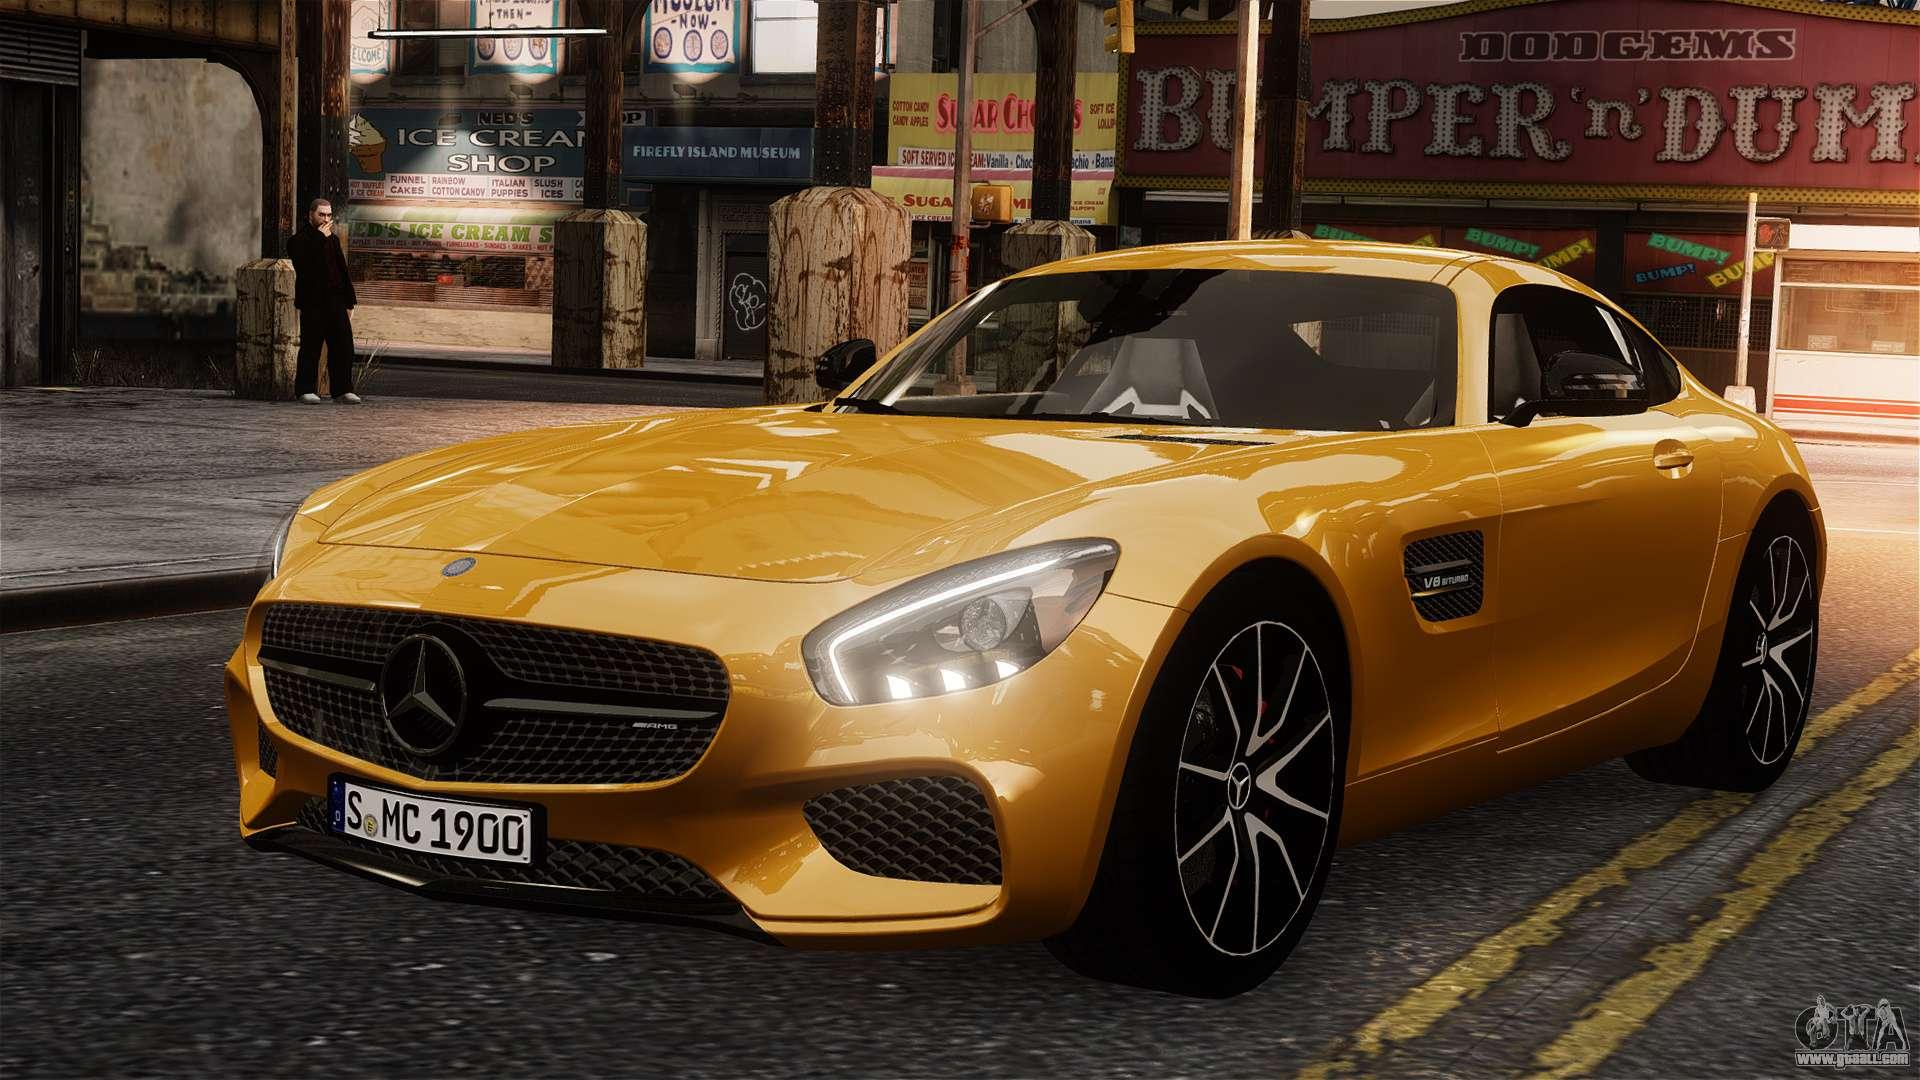 Mercedes benz sls amg gt 2016 for gta 4 for Mercedes benz sls amg gt